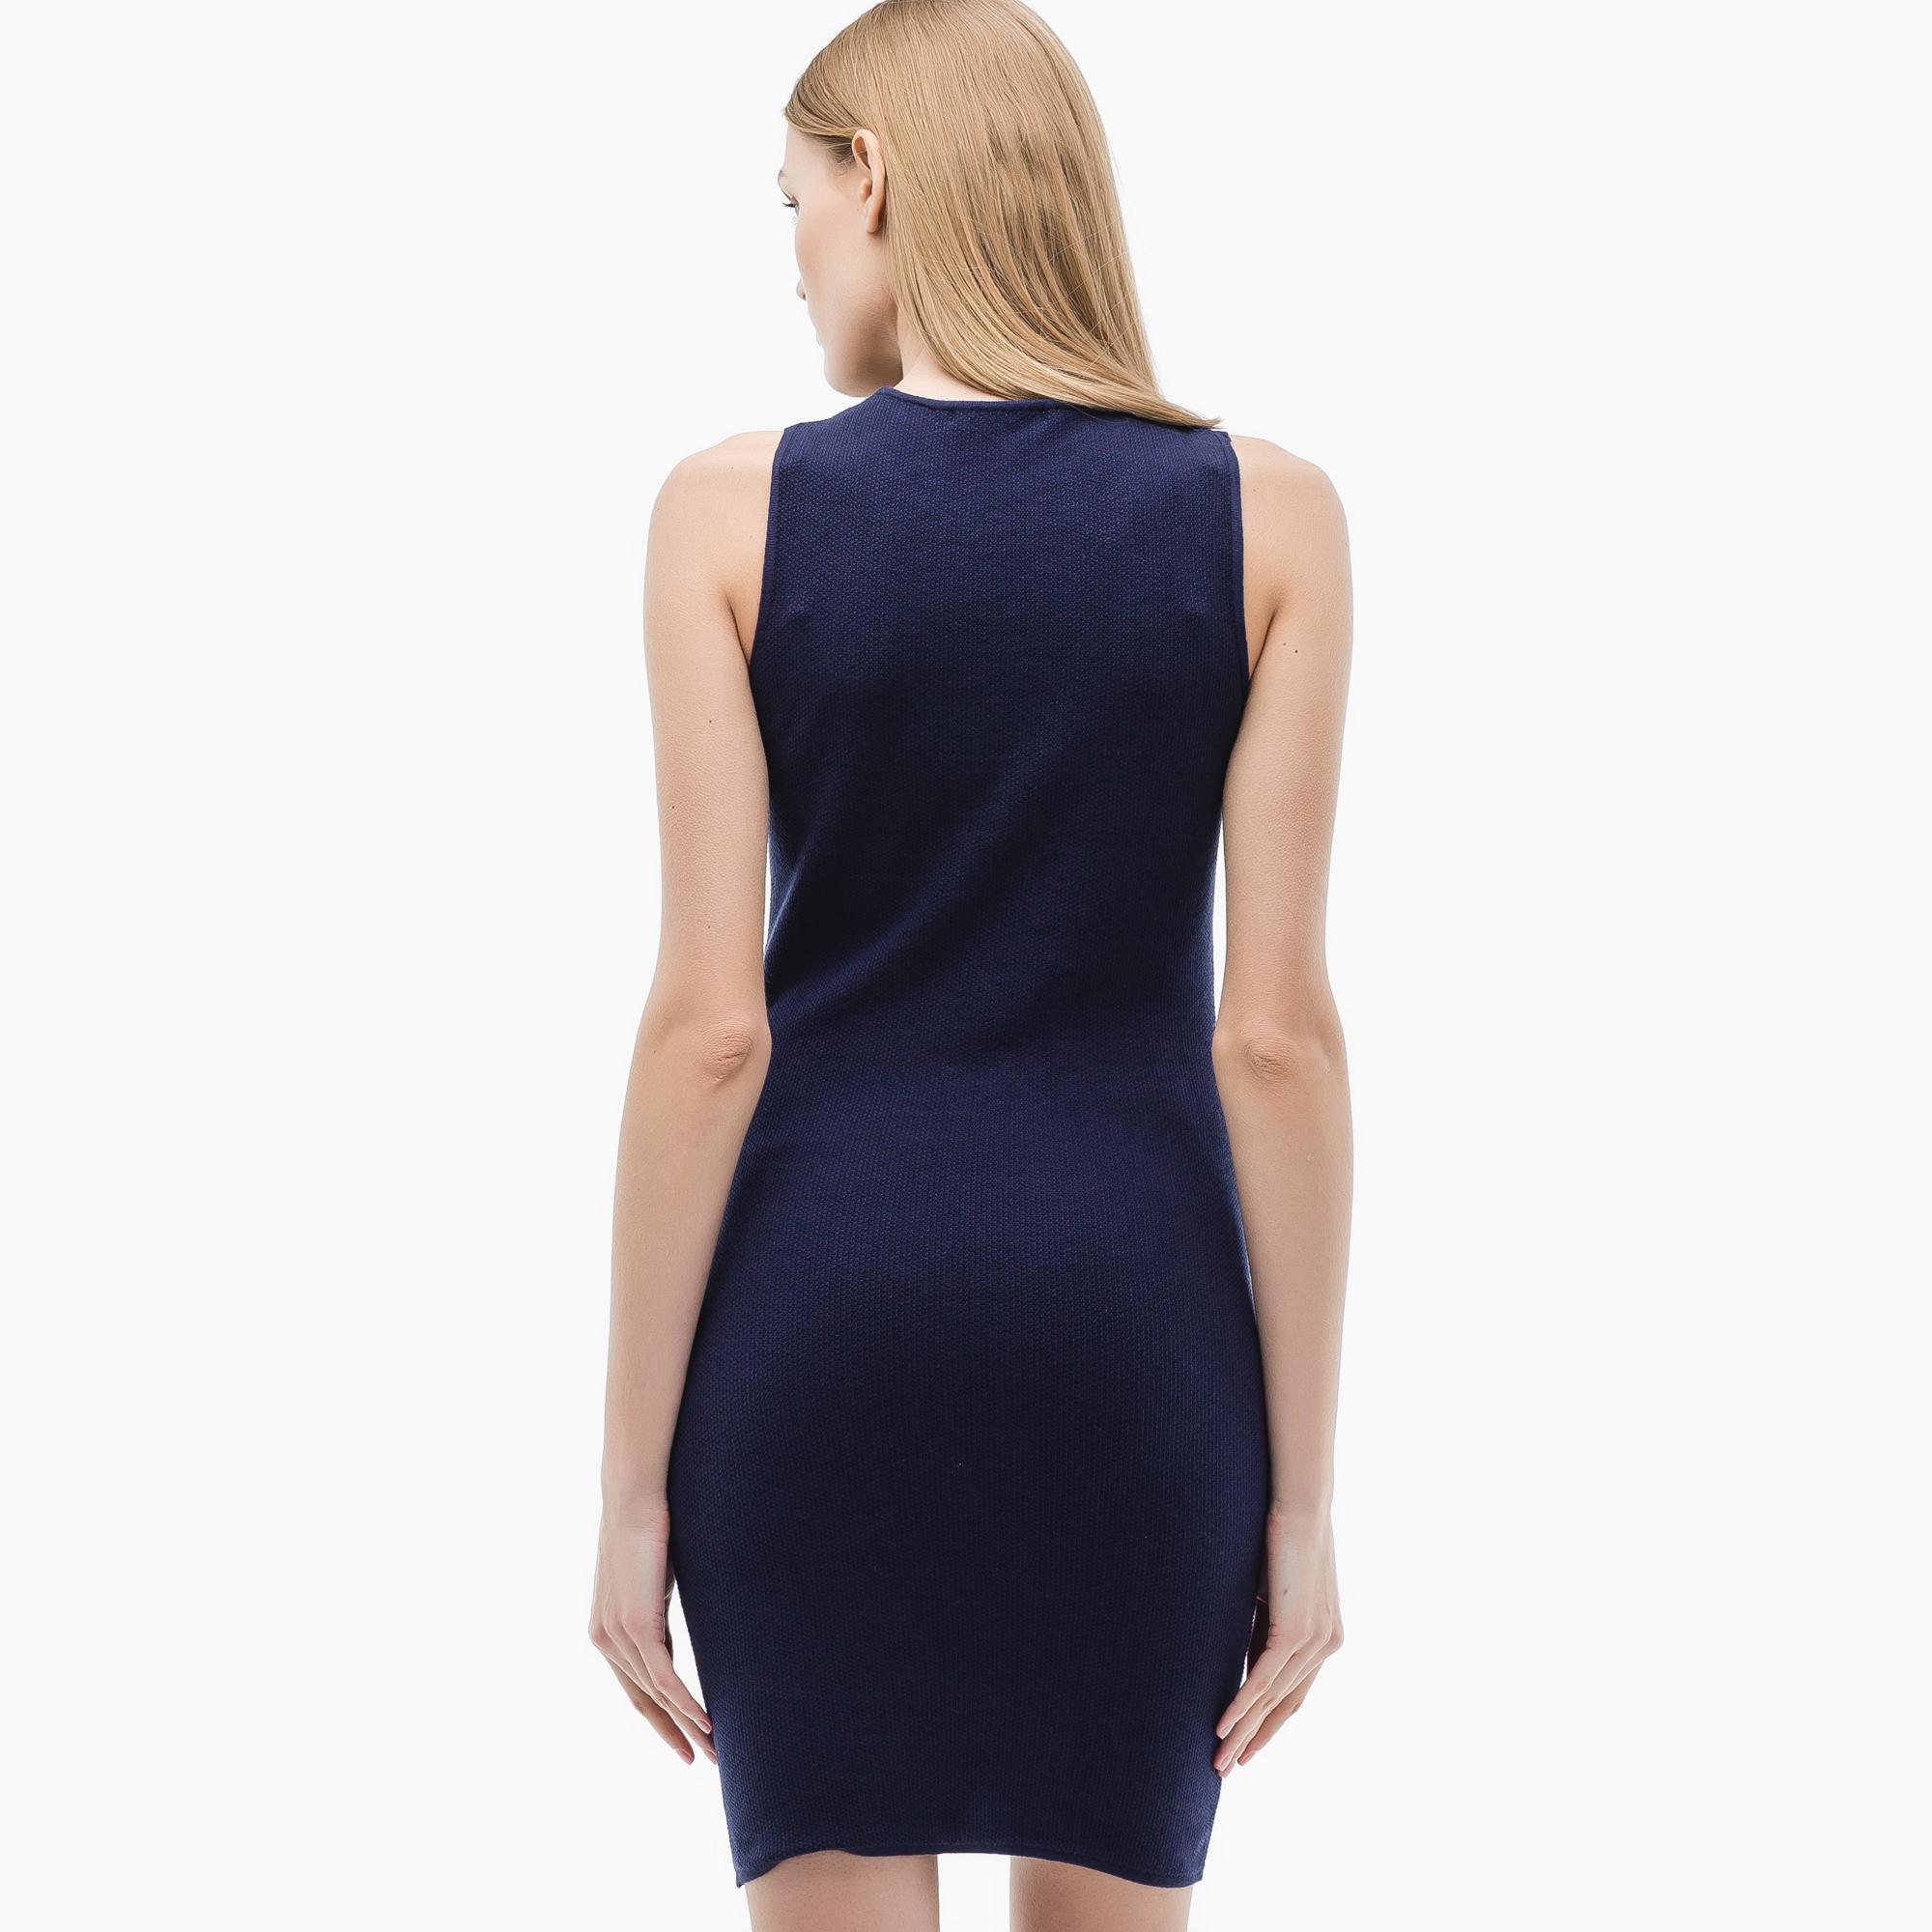 Фото 4 - Женское платье Lacoste синего цвета